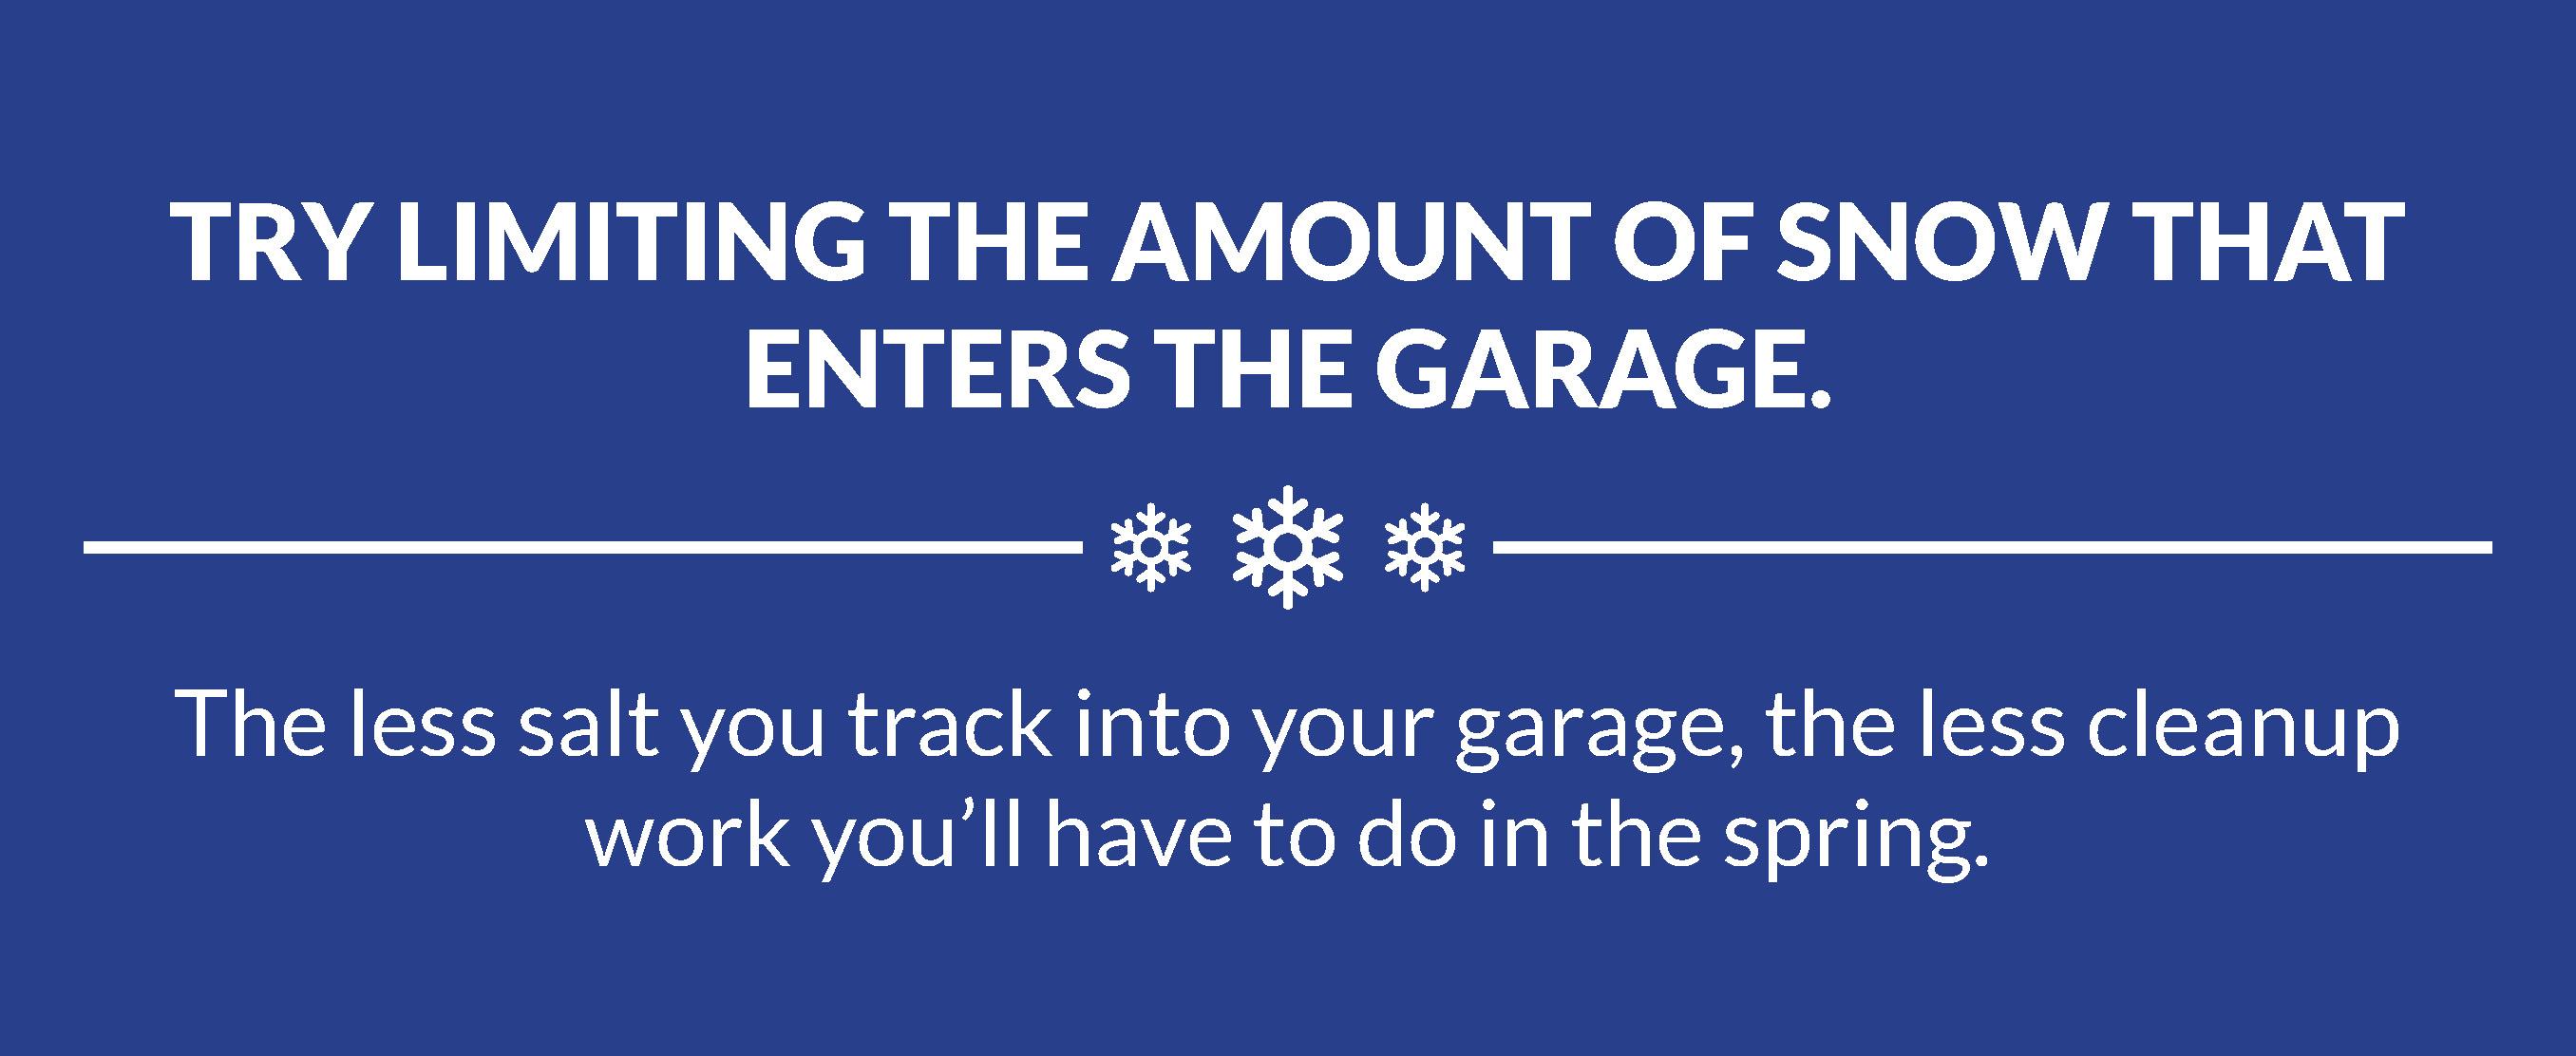 limit-snow-in-garage